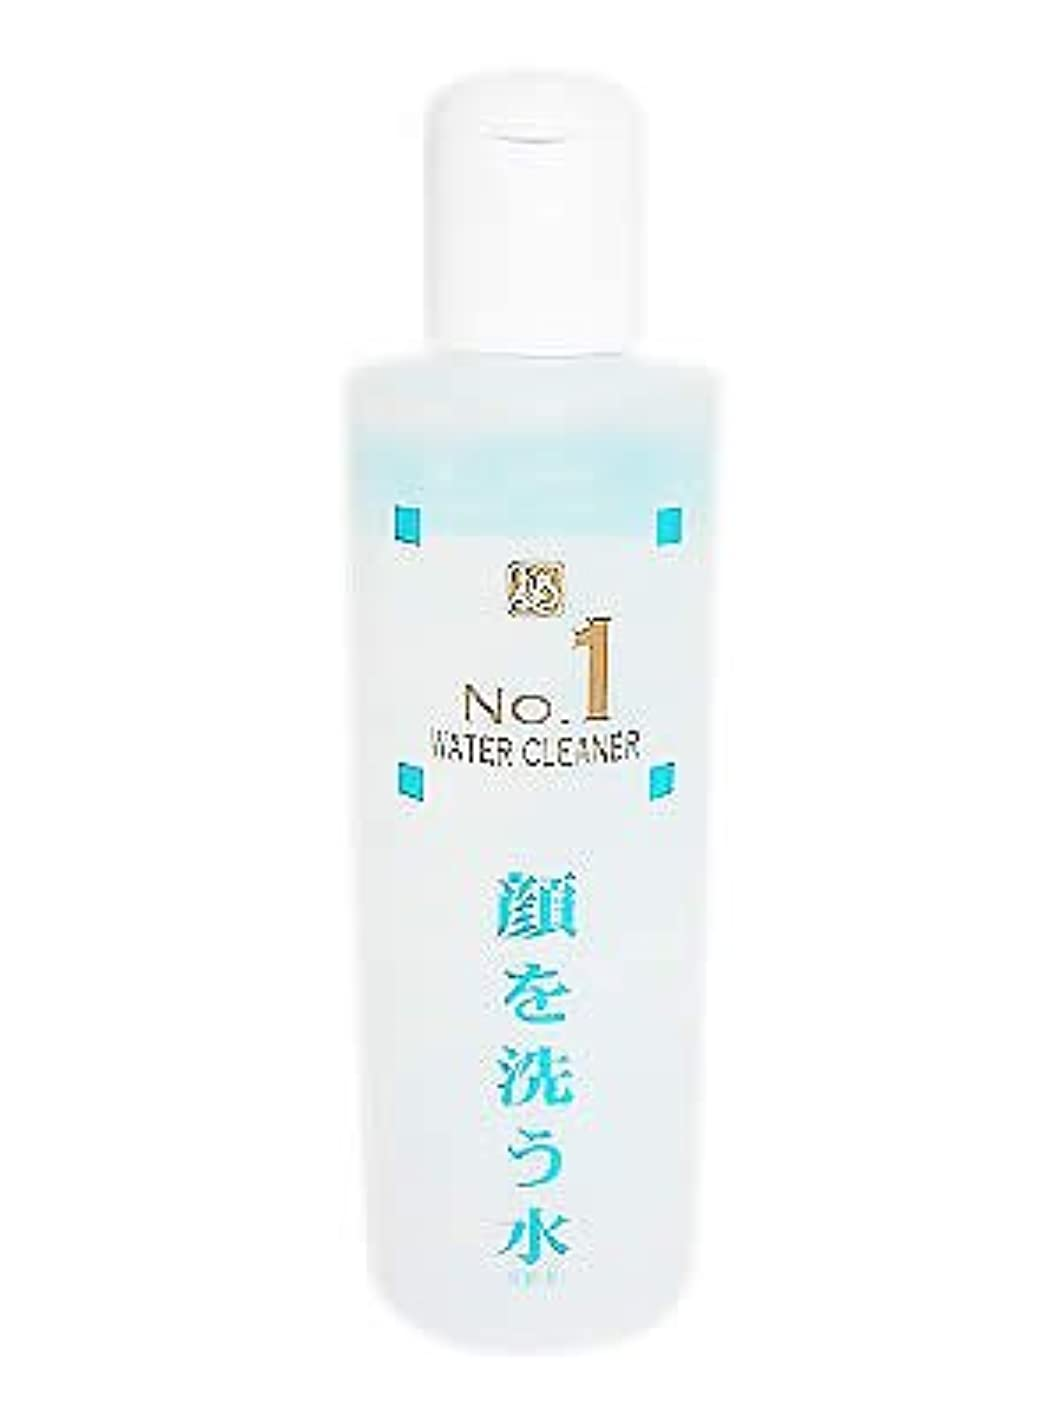 意気揚々到着毎月顔を洗う水 No.1 ウォータークリーナー 洗顔化粧水 250ml